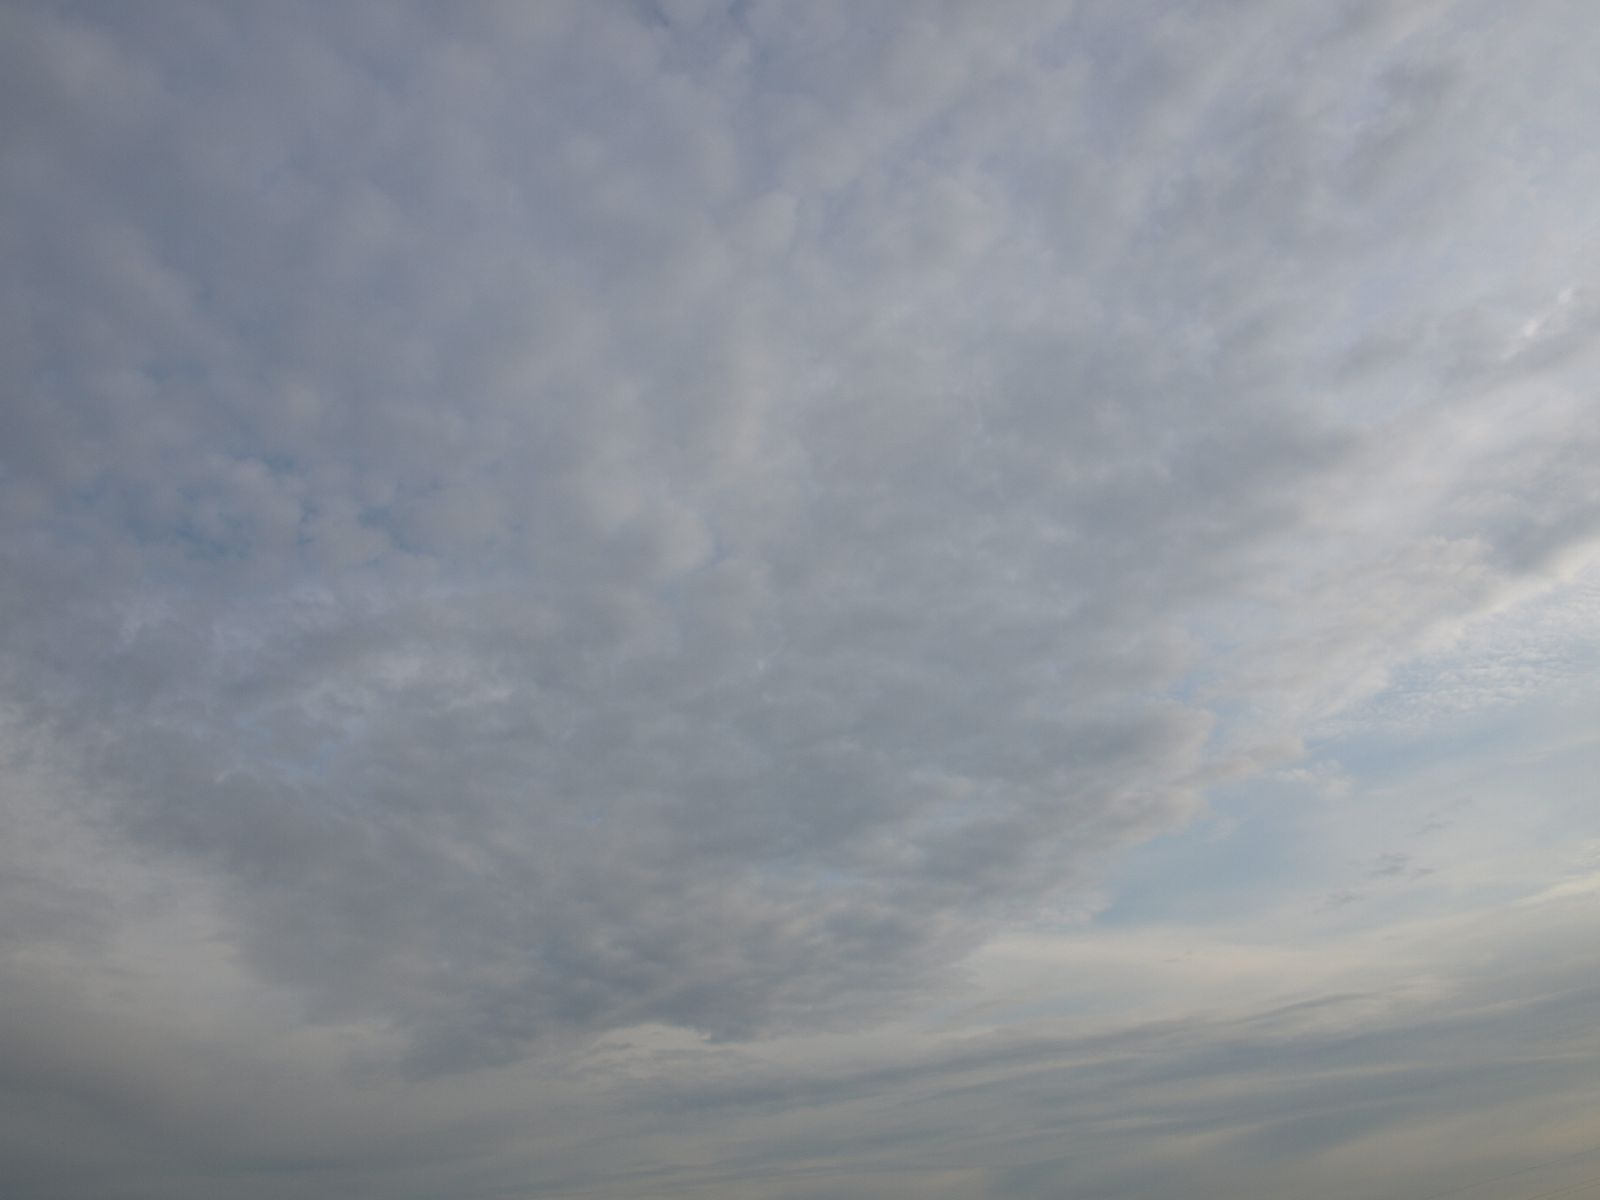 Himmel-Wolken-Foto_Textur_A_P8174445